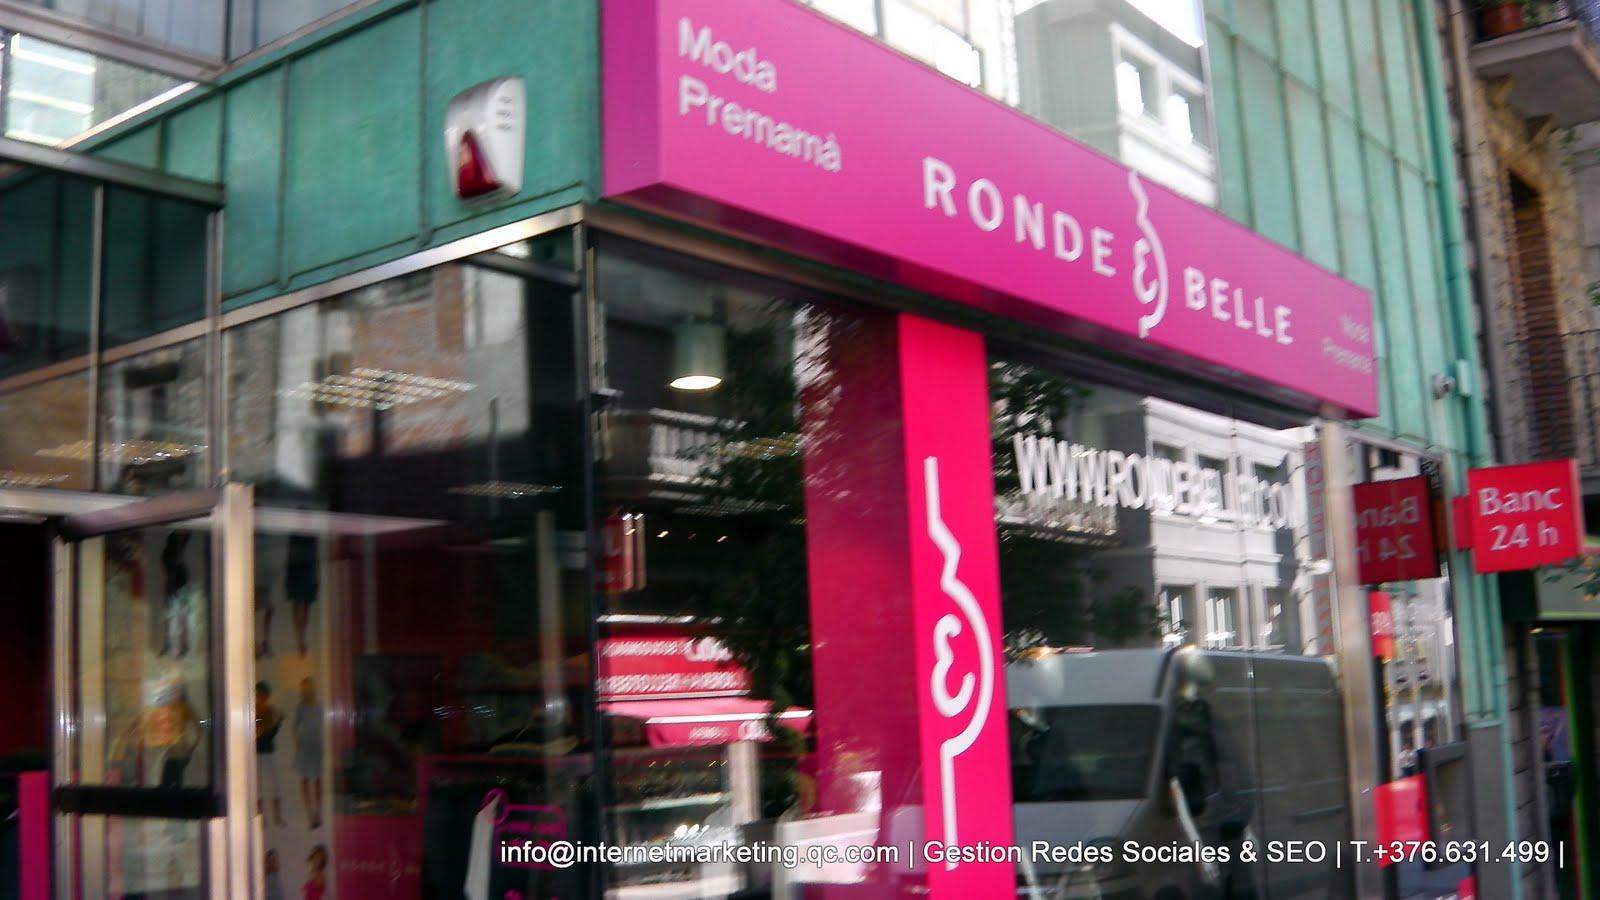 bc2508267 Ronde et Belle ANDORRA tienda de ropa para embarazadas nace en Escaldes  Engordany en el mes de Marzo del año 2010